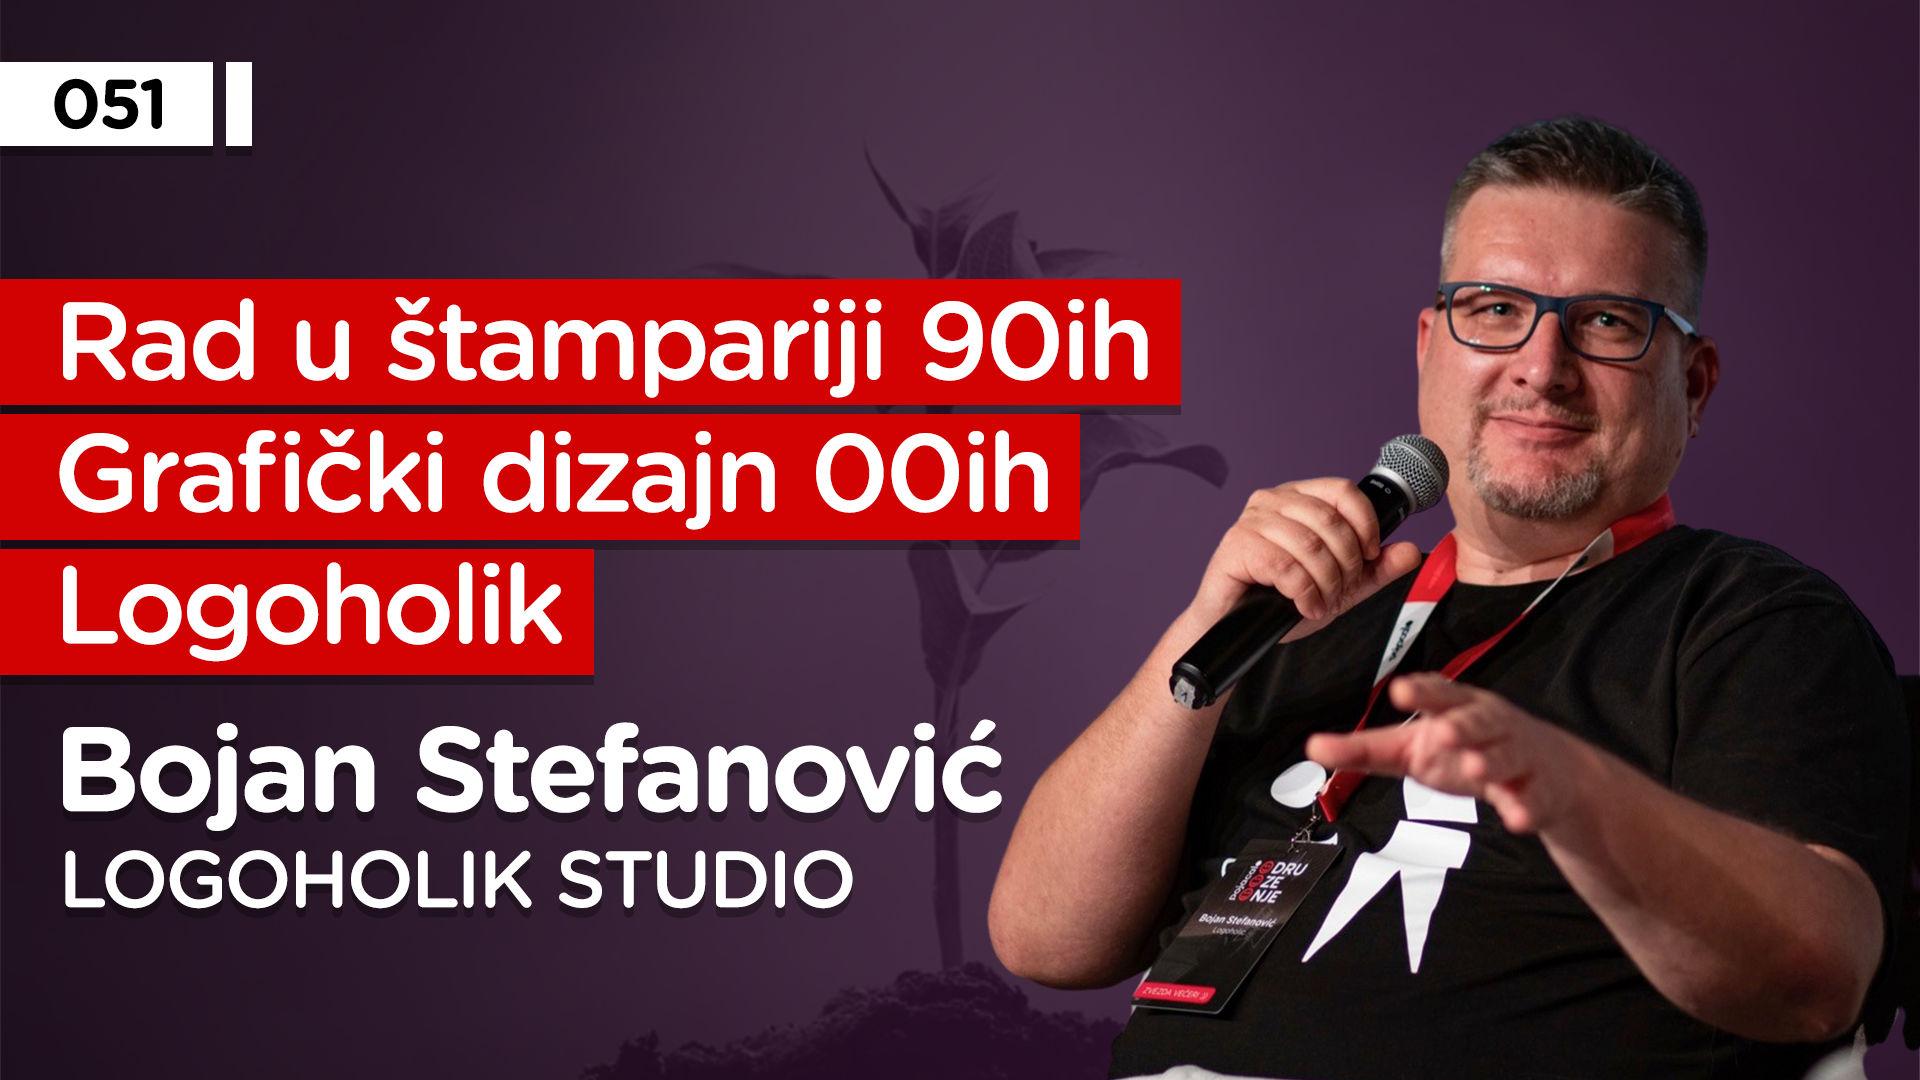 EP051: Bojan Stefanović